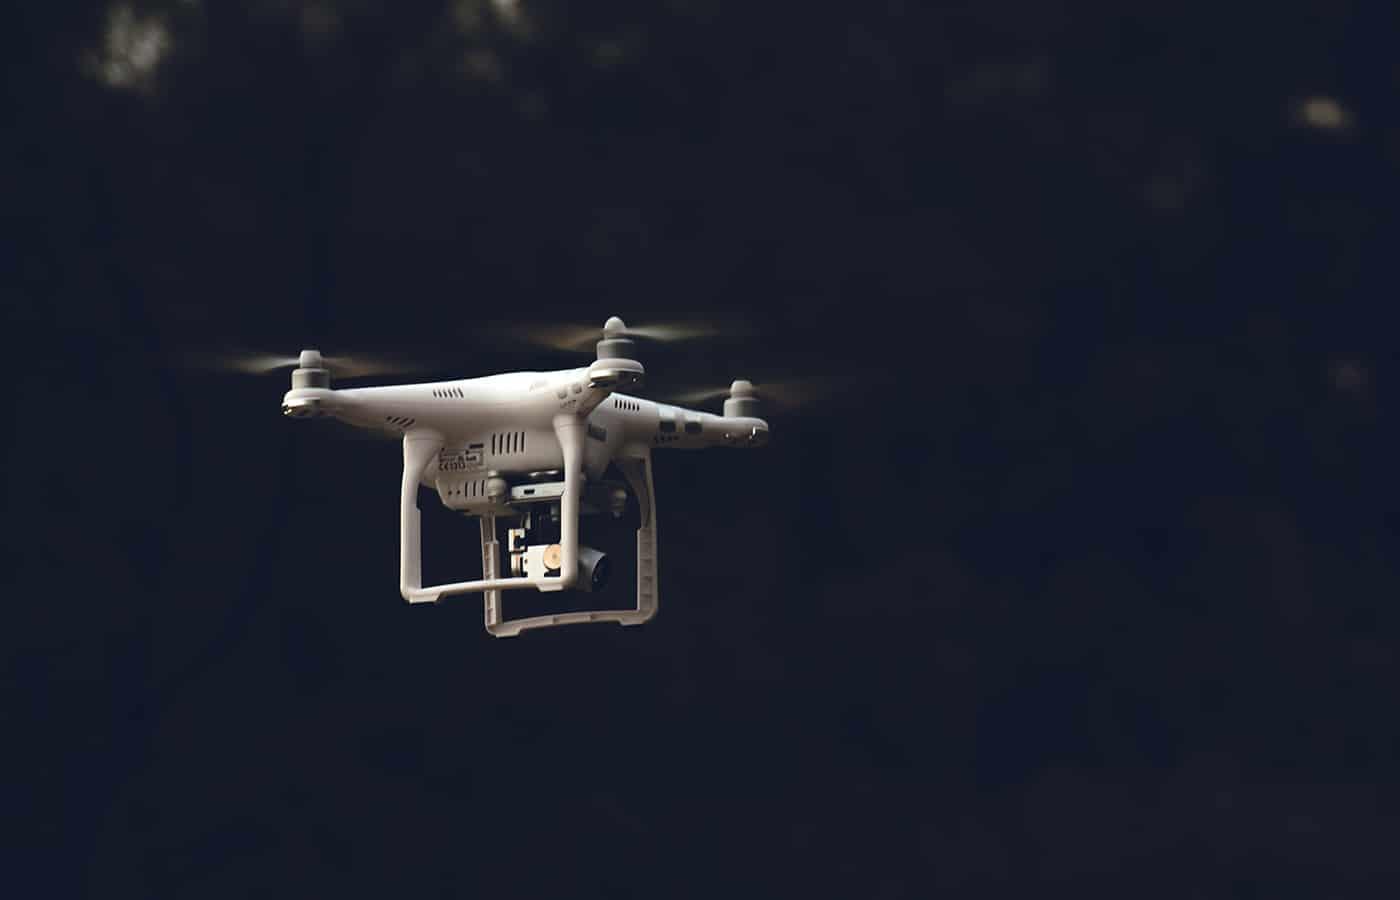 les aéroports anglais dont heathrow luttent contre les drones